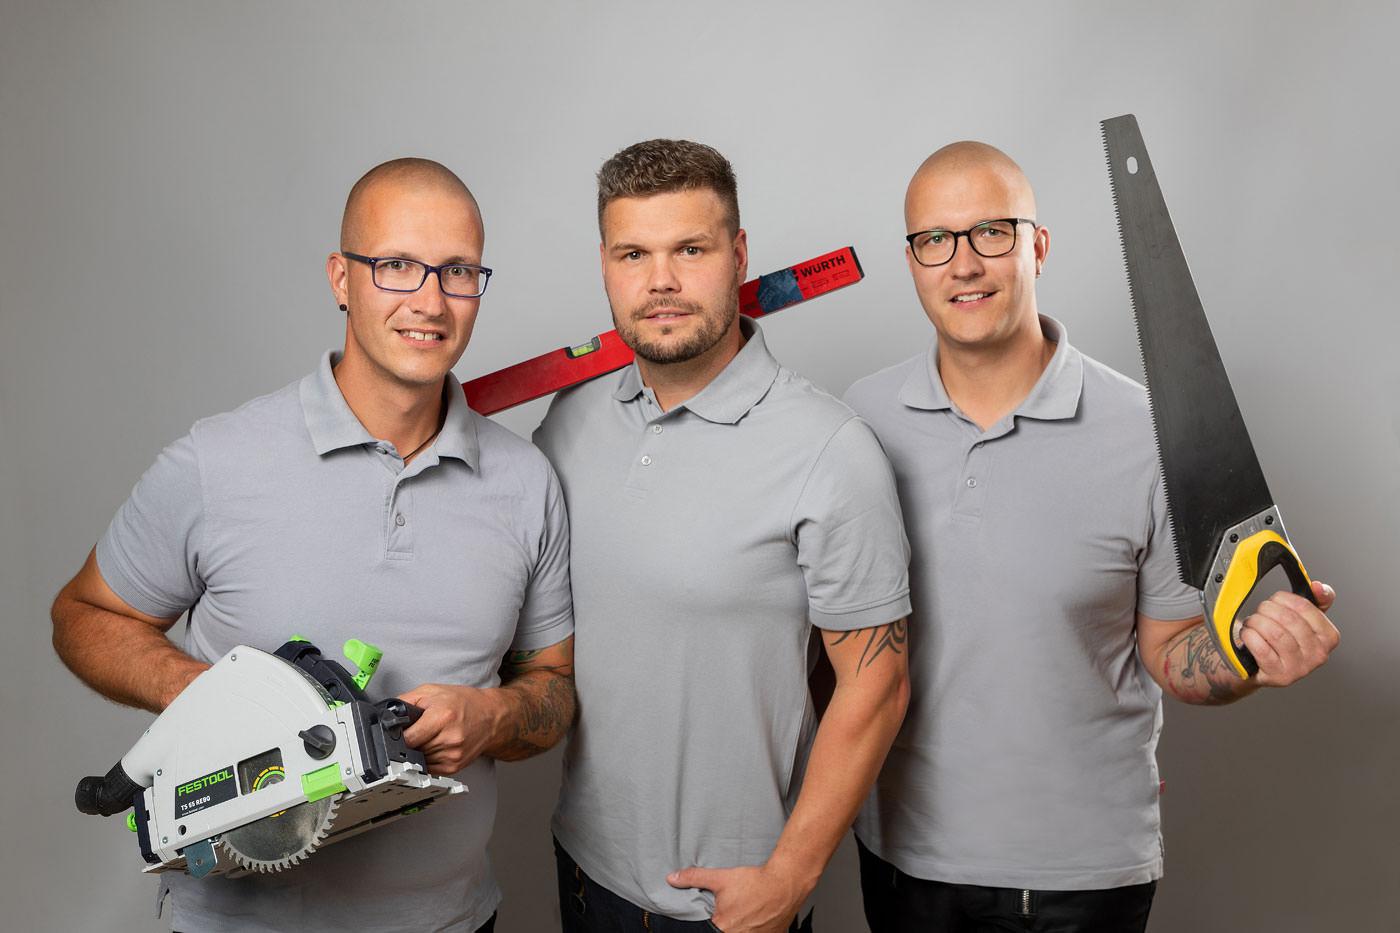 Handwerker der JMN Tischlerei GbR - Meisterbetrieb in Bergen auf Rügen